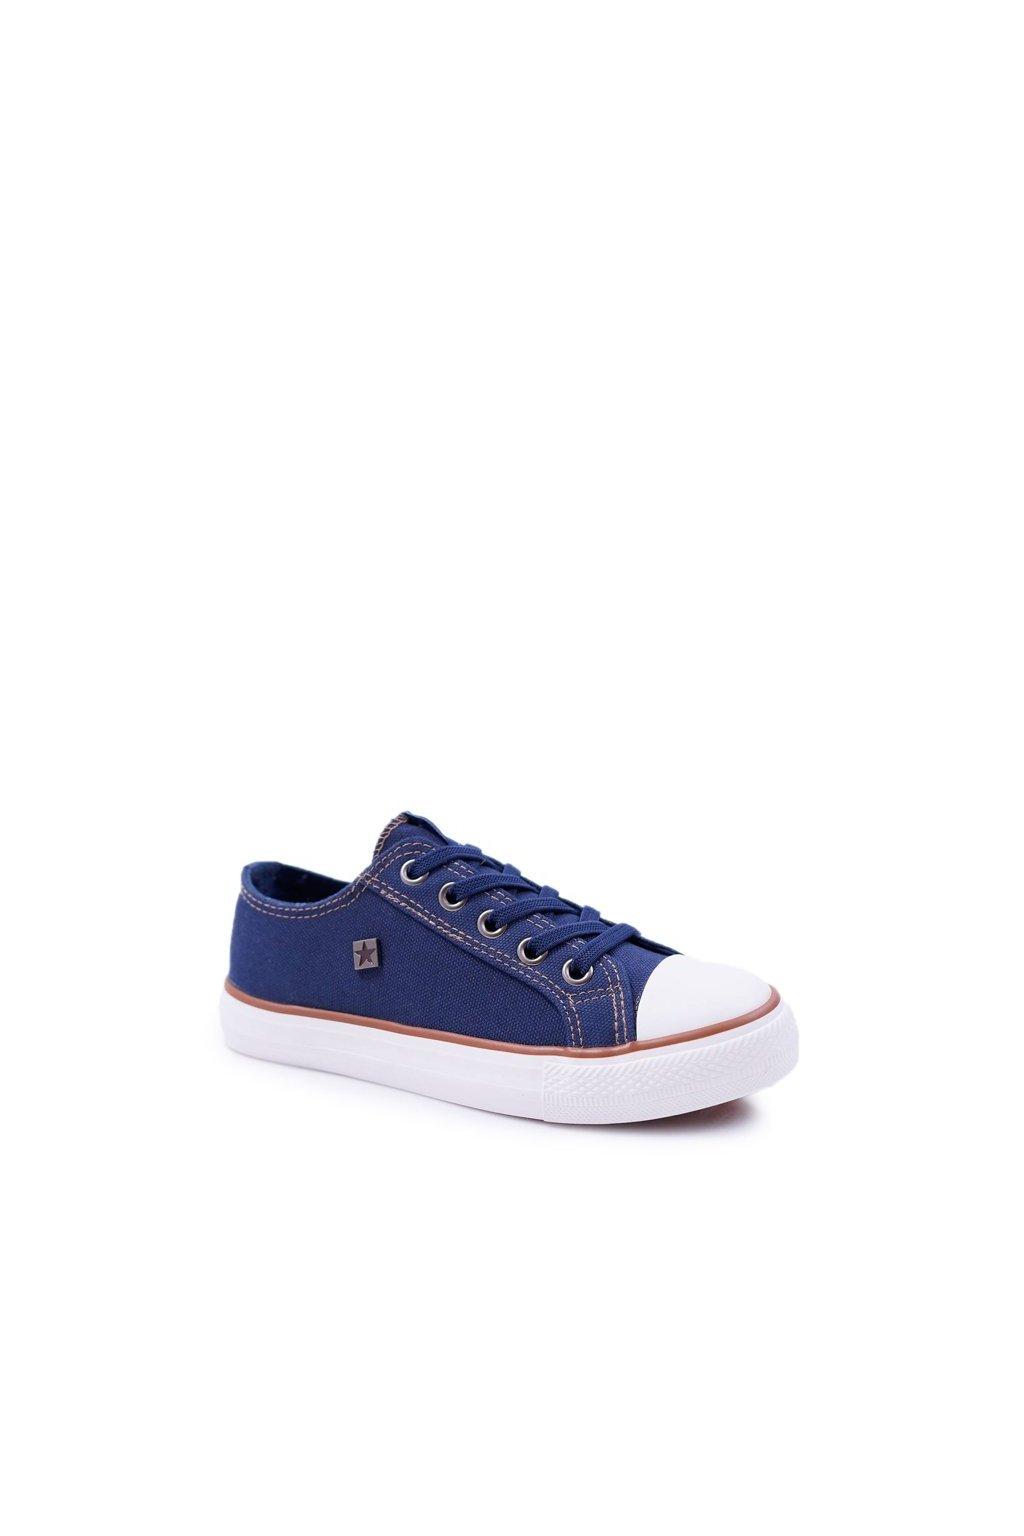 Detské tenisky farba modrá kód obuvi DD374086 NAVY